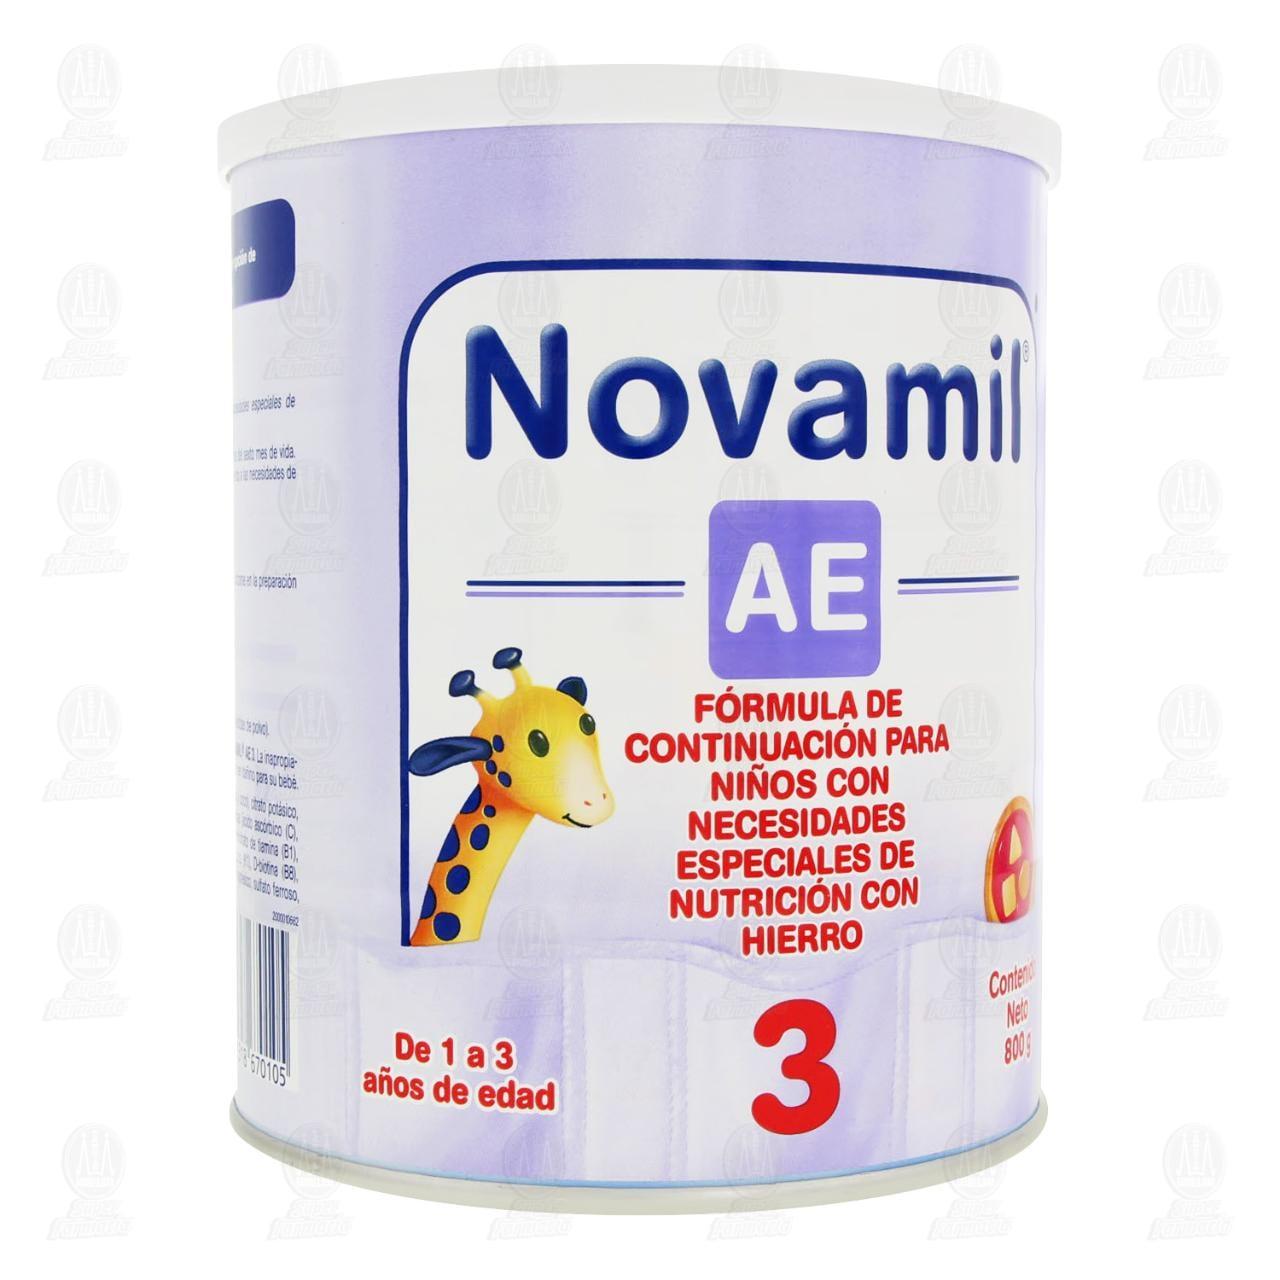 Comprar Fórmula Láctea Novamil AE Etapa 3 en Polvo (Edad 1-3 Años), 800 gr. en Farmacias Guadalajara